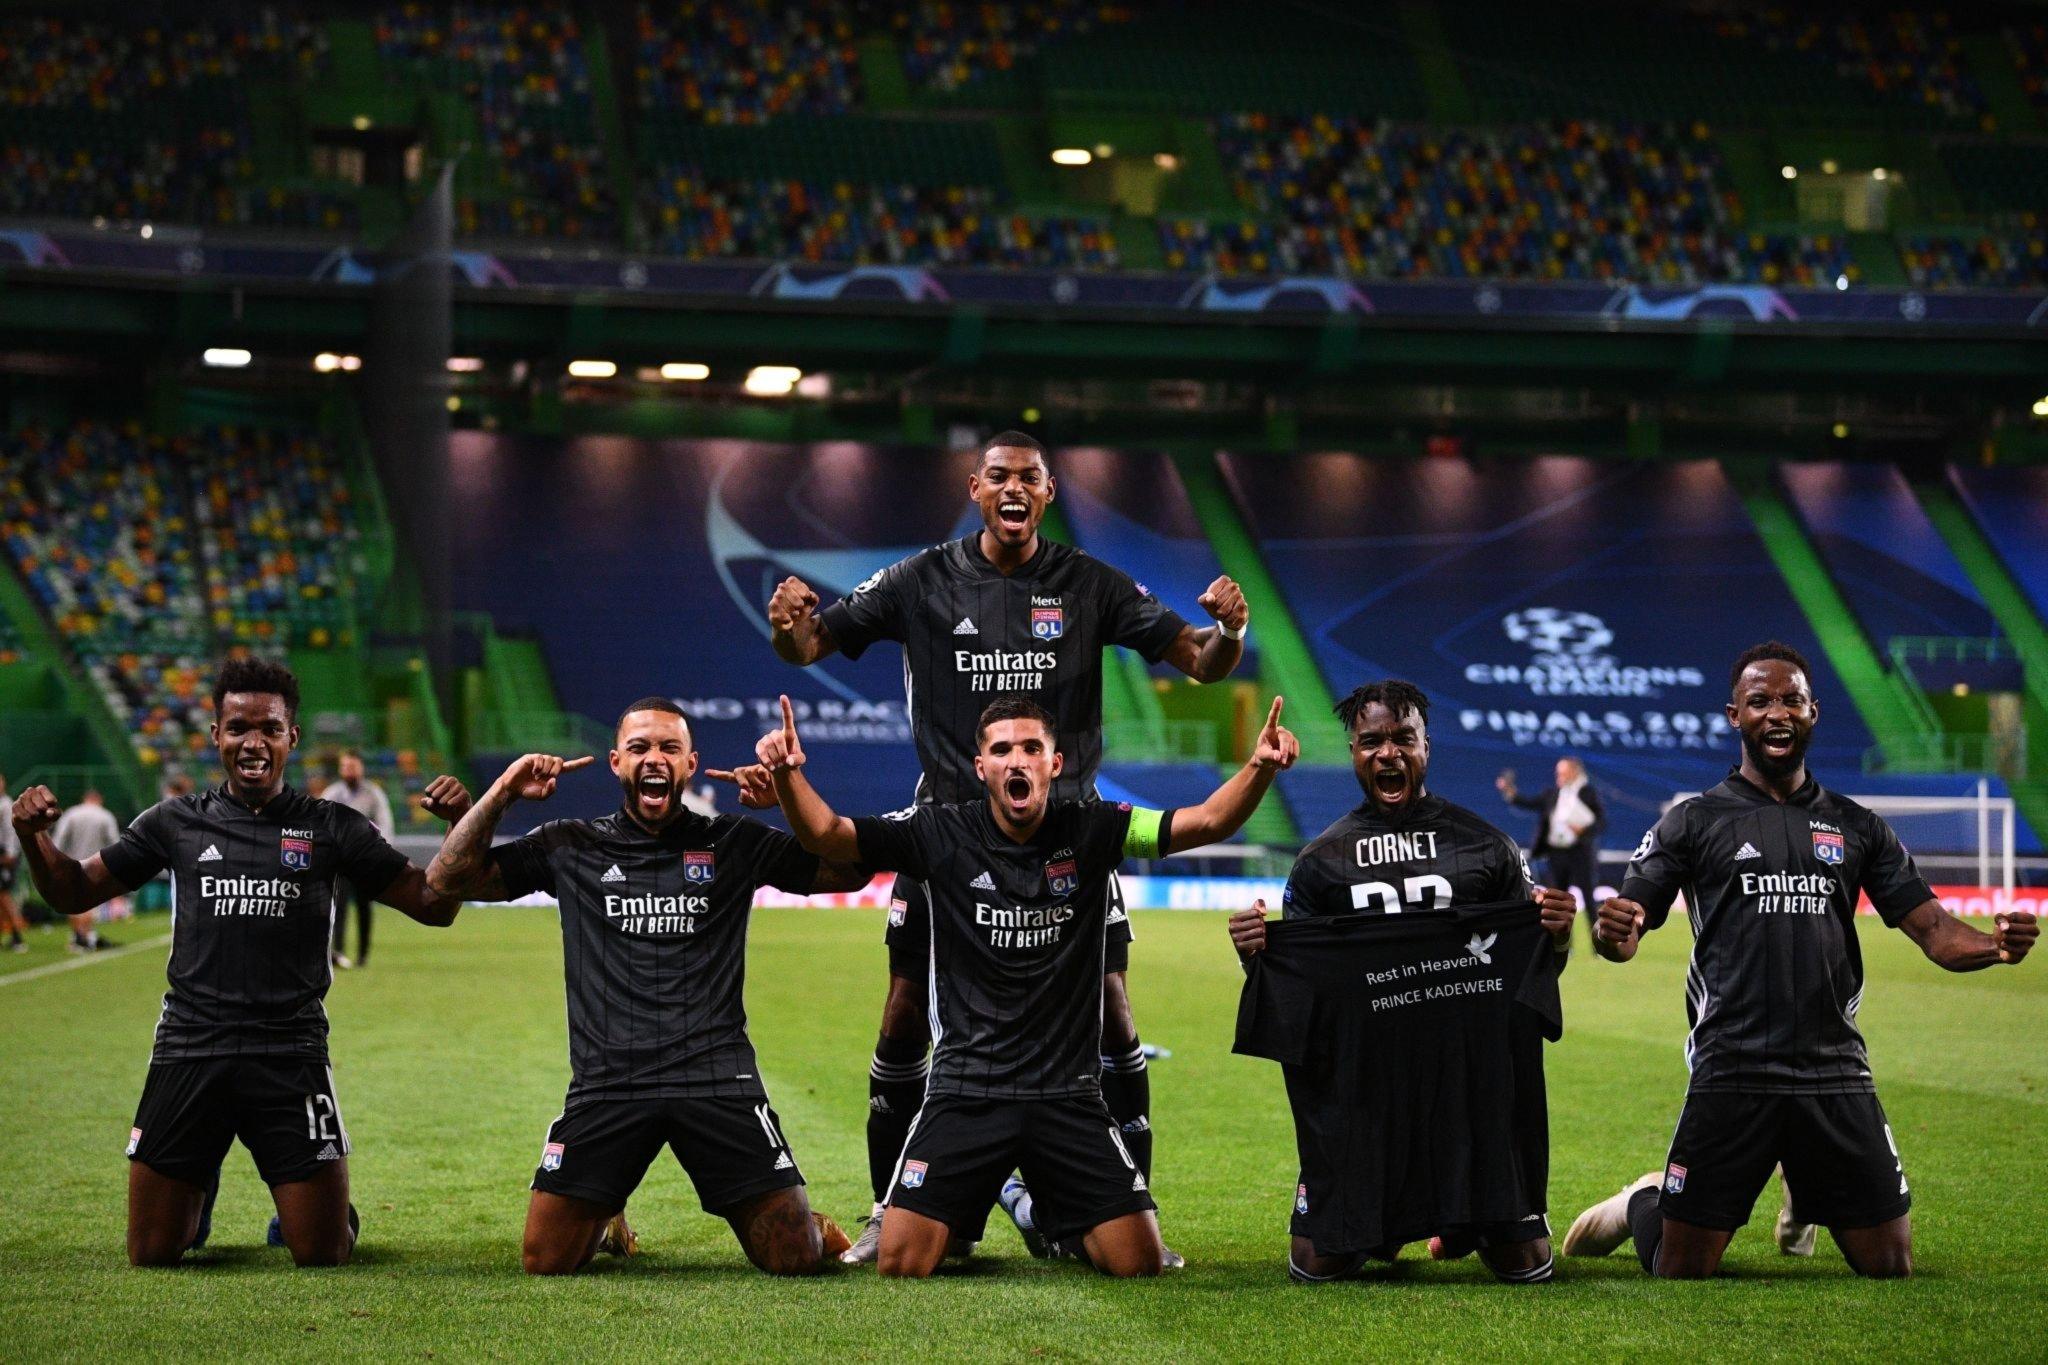 Otra sorpresa en la Champions League: Lyon eliminó al Manchester City